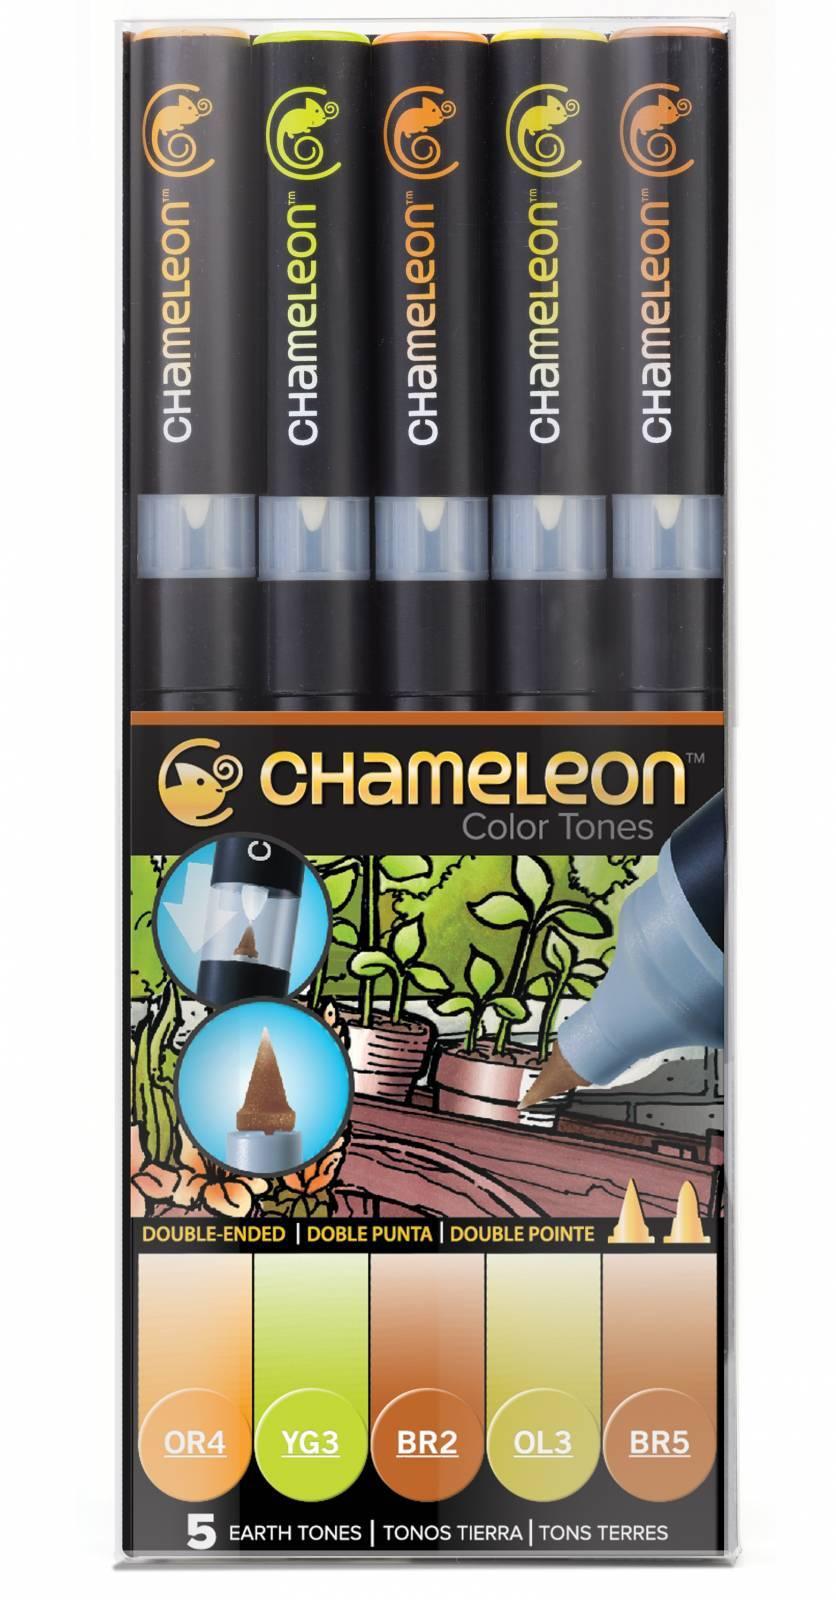 Kit Chameleon 5 canetas - Tons Terrosos - Papelaria Botafogo